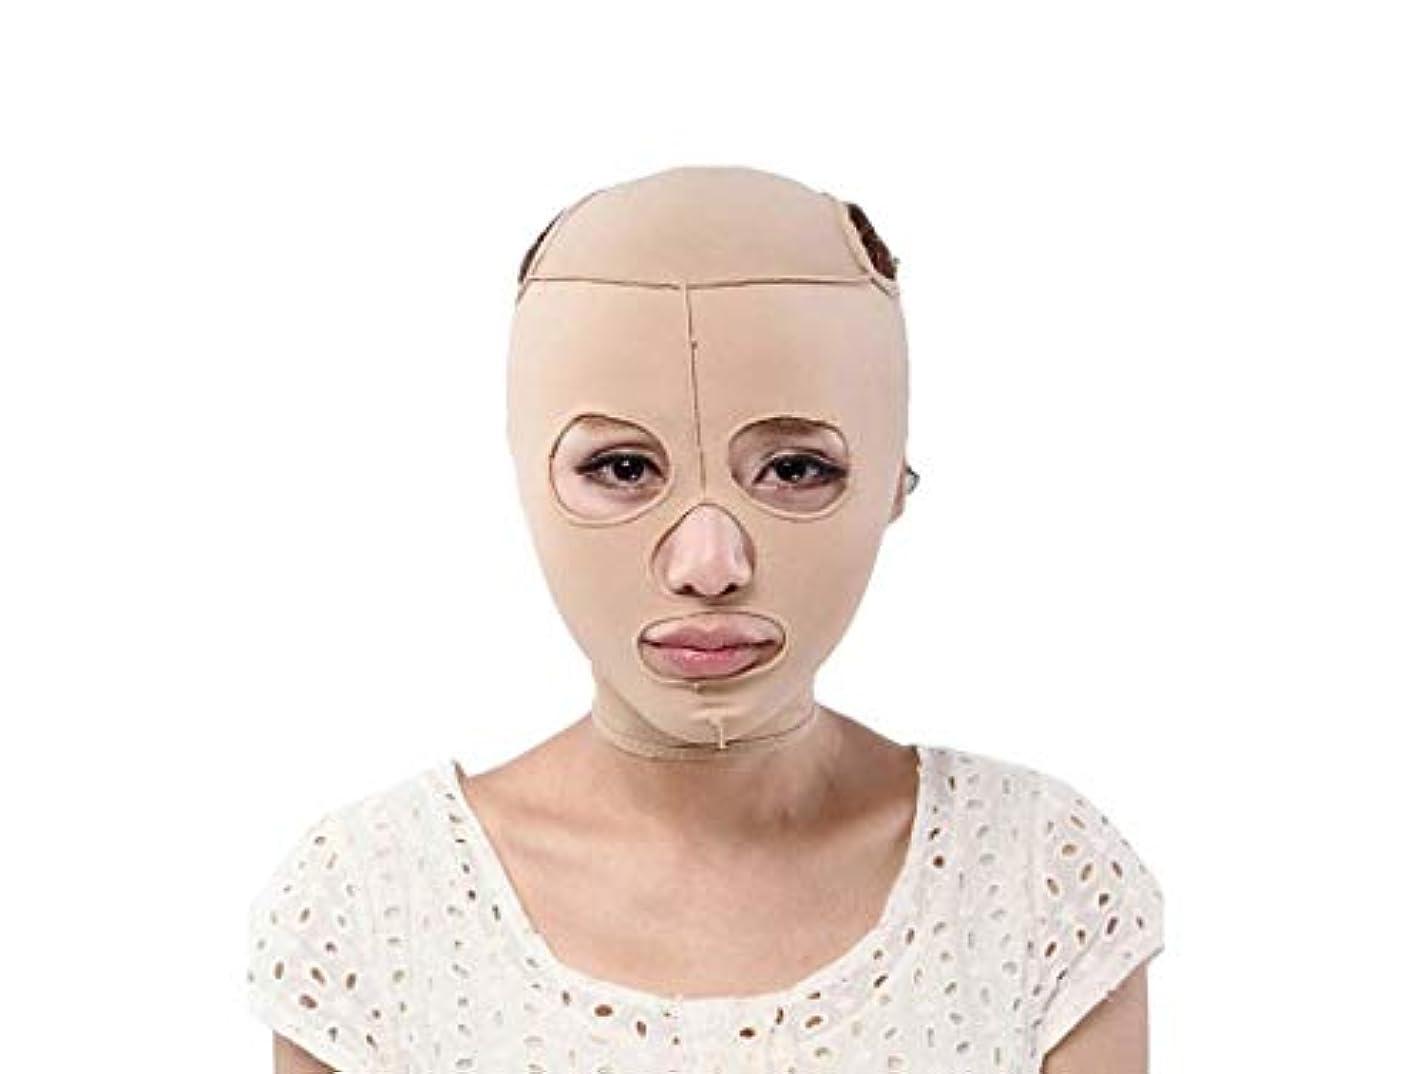 赤外線ベアリング認証スリミングベルト、フェイスマスクシンフェイスインストゥルメントリフティングファーミングVフェイス男性と女性フェイスリフティングステッカーダブルチンフェイスリフティングフェイスマスク包帯フェイシャルマッサージ(サイズ:Xl...